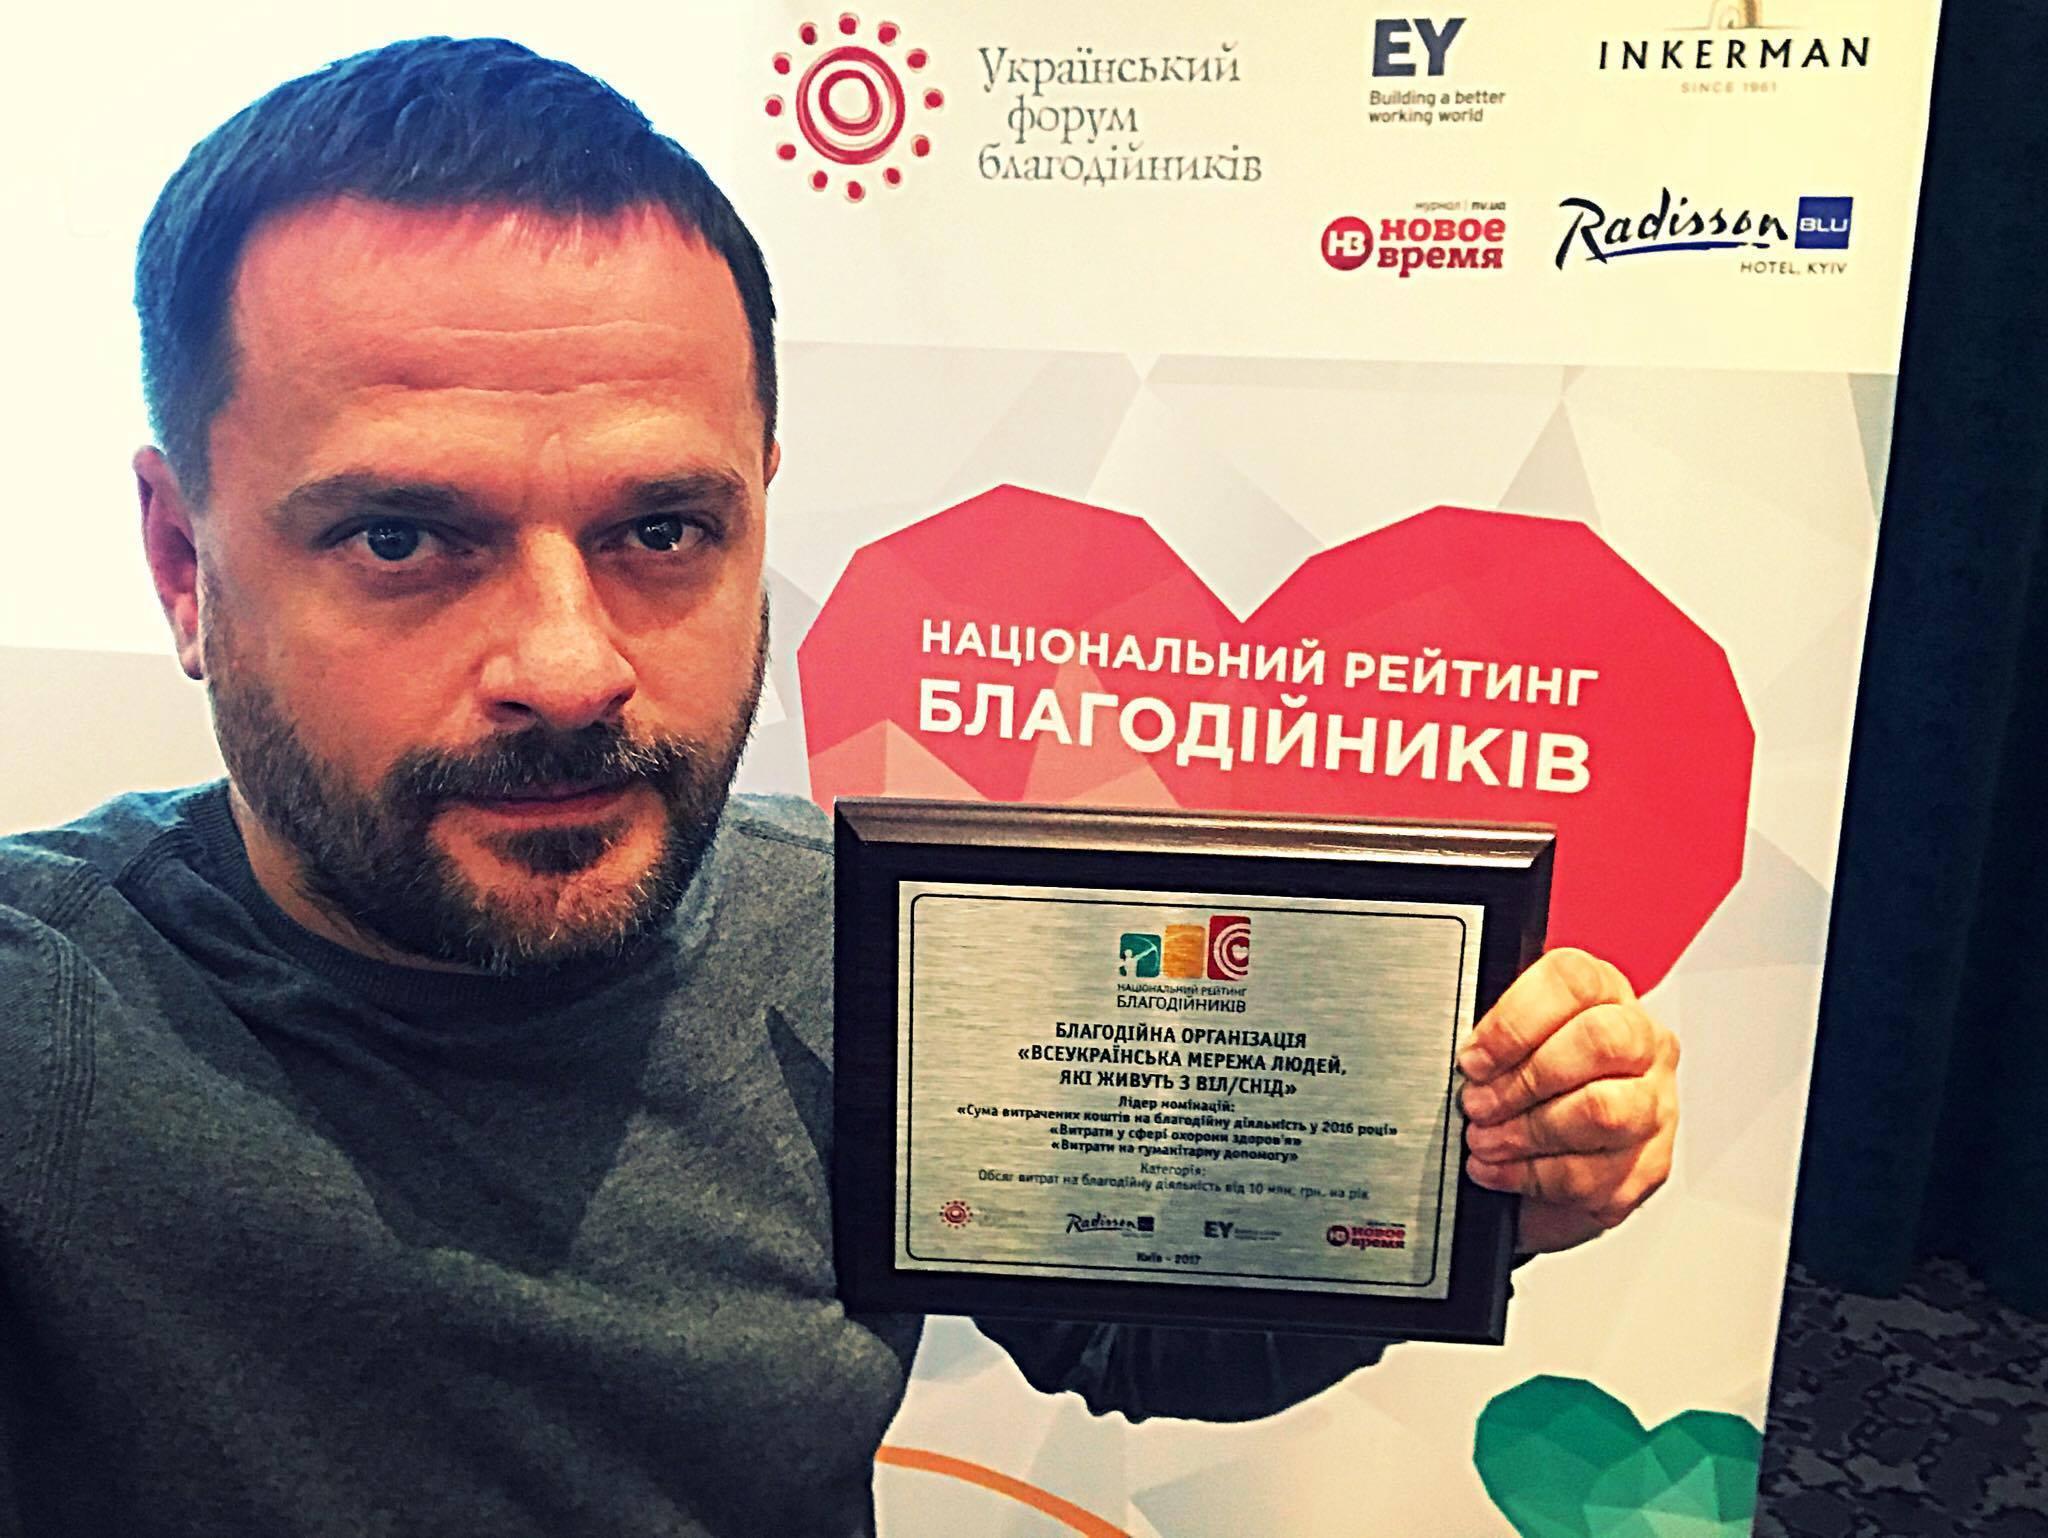 Сеть ЛЖВ возглавила рейтинг благотворителей Украины